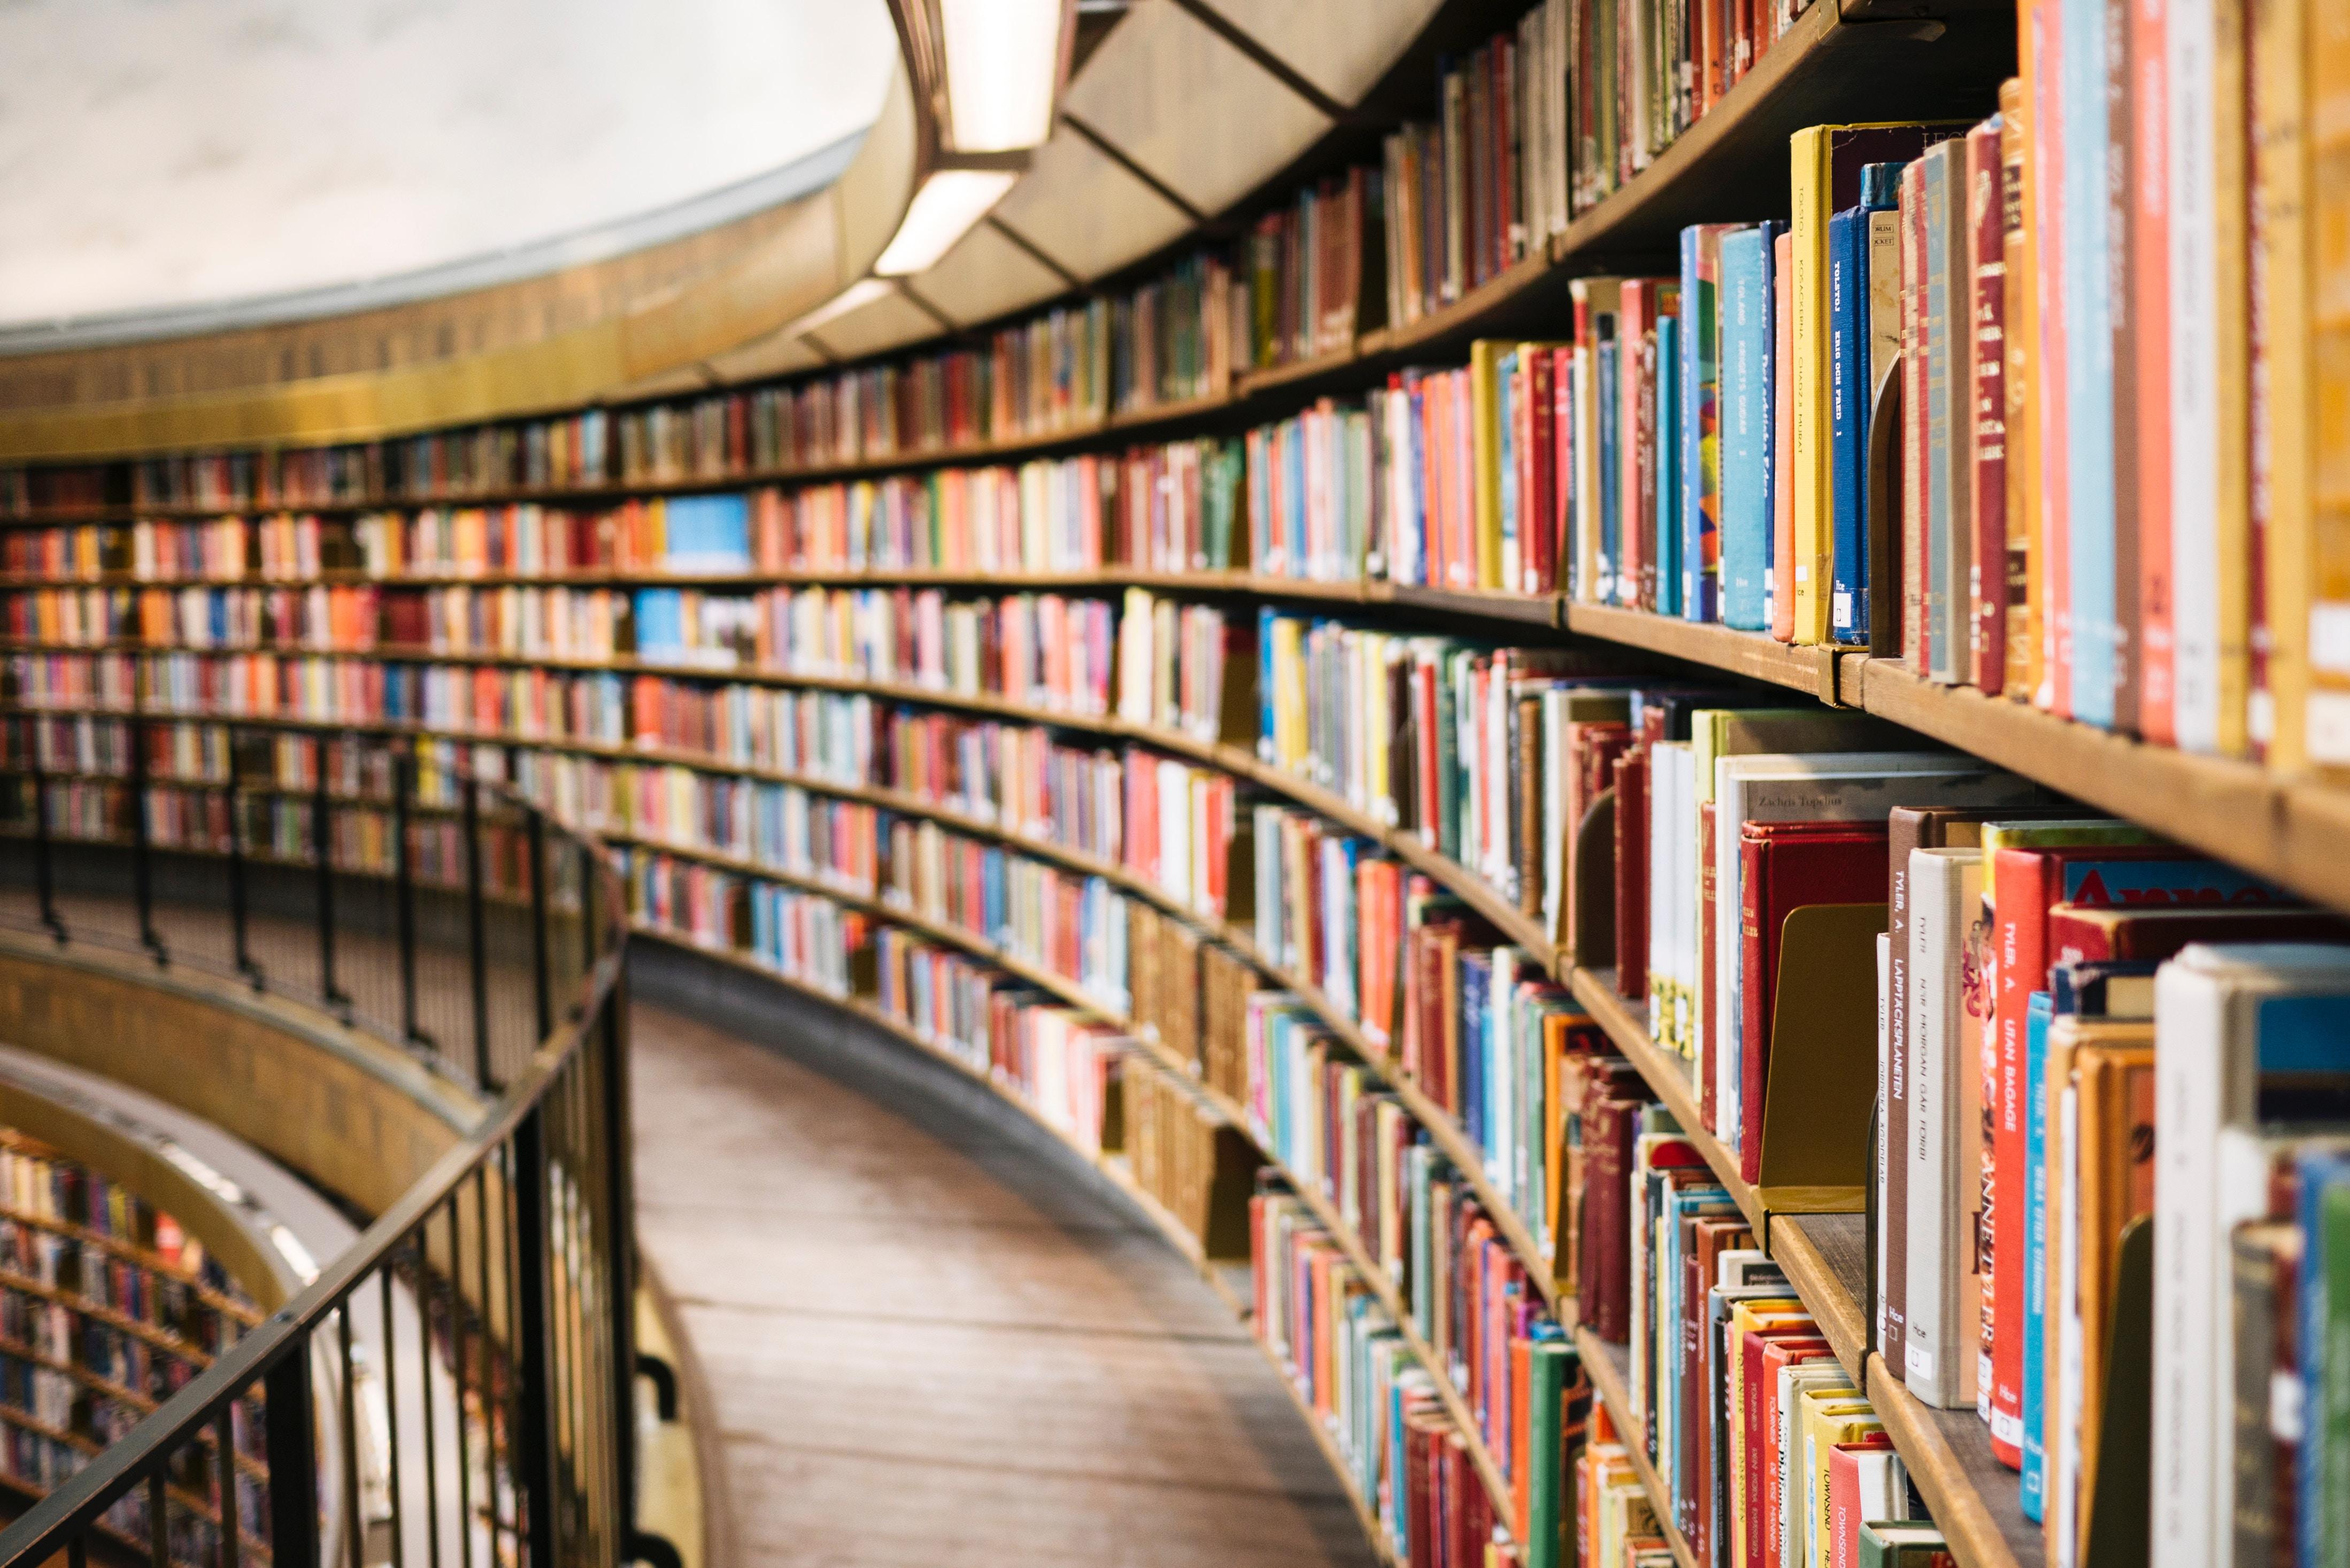 بهترین بانک دانلود رایگان کتاب